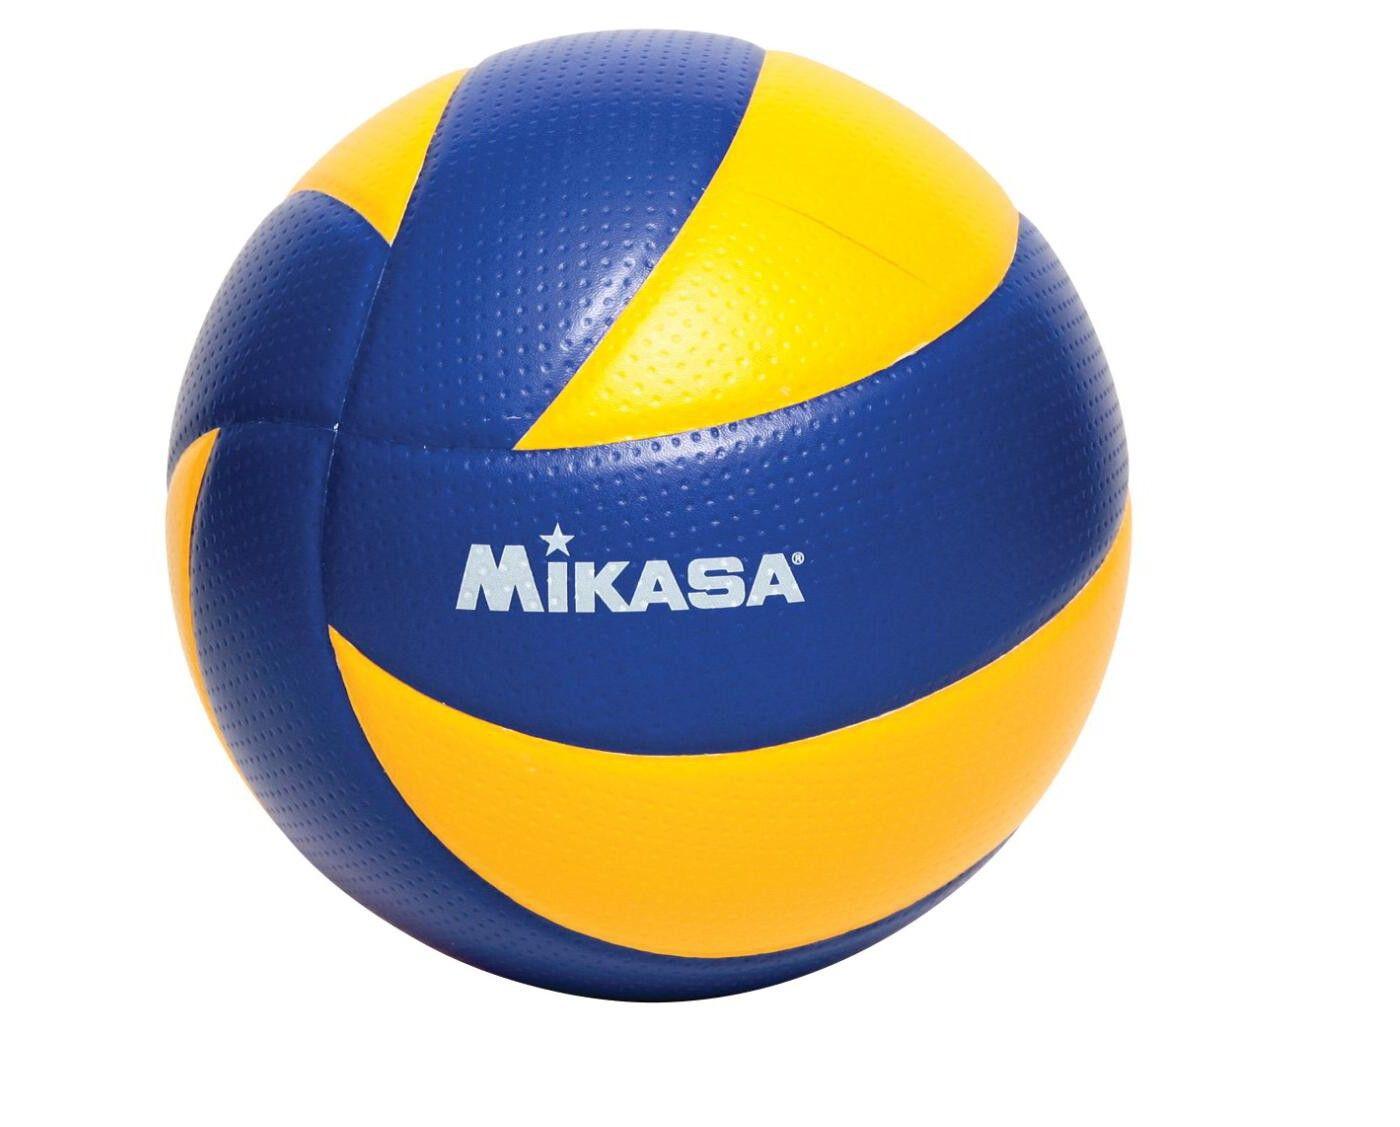 Mikasa 2016 Rio De Janeiro Games Official Volleyball Blue And Yellow Affiliate De Spon Janeiro Rio In 2020 Rio De Janeiro Mikasa Rio 2016